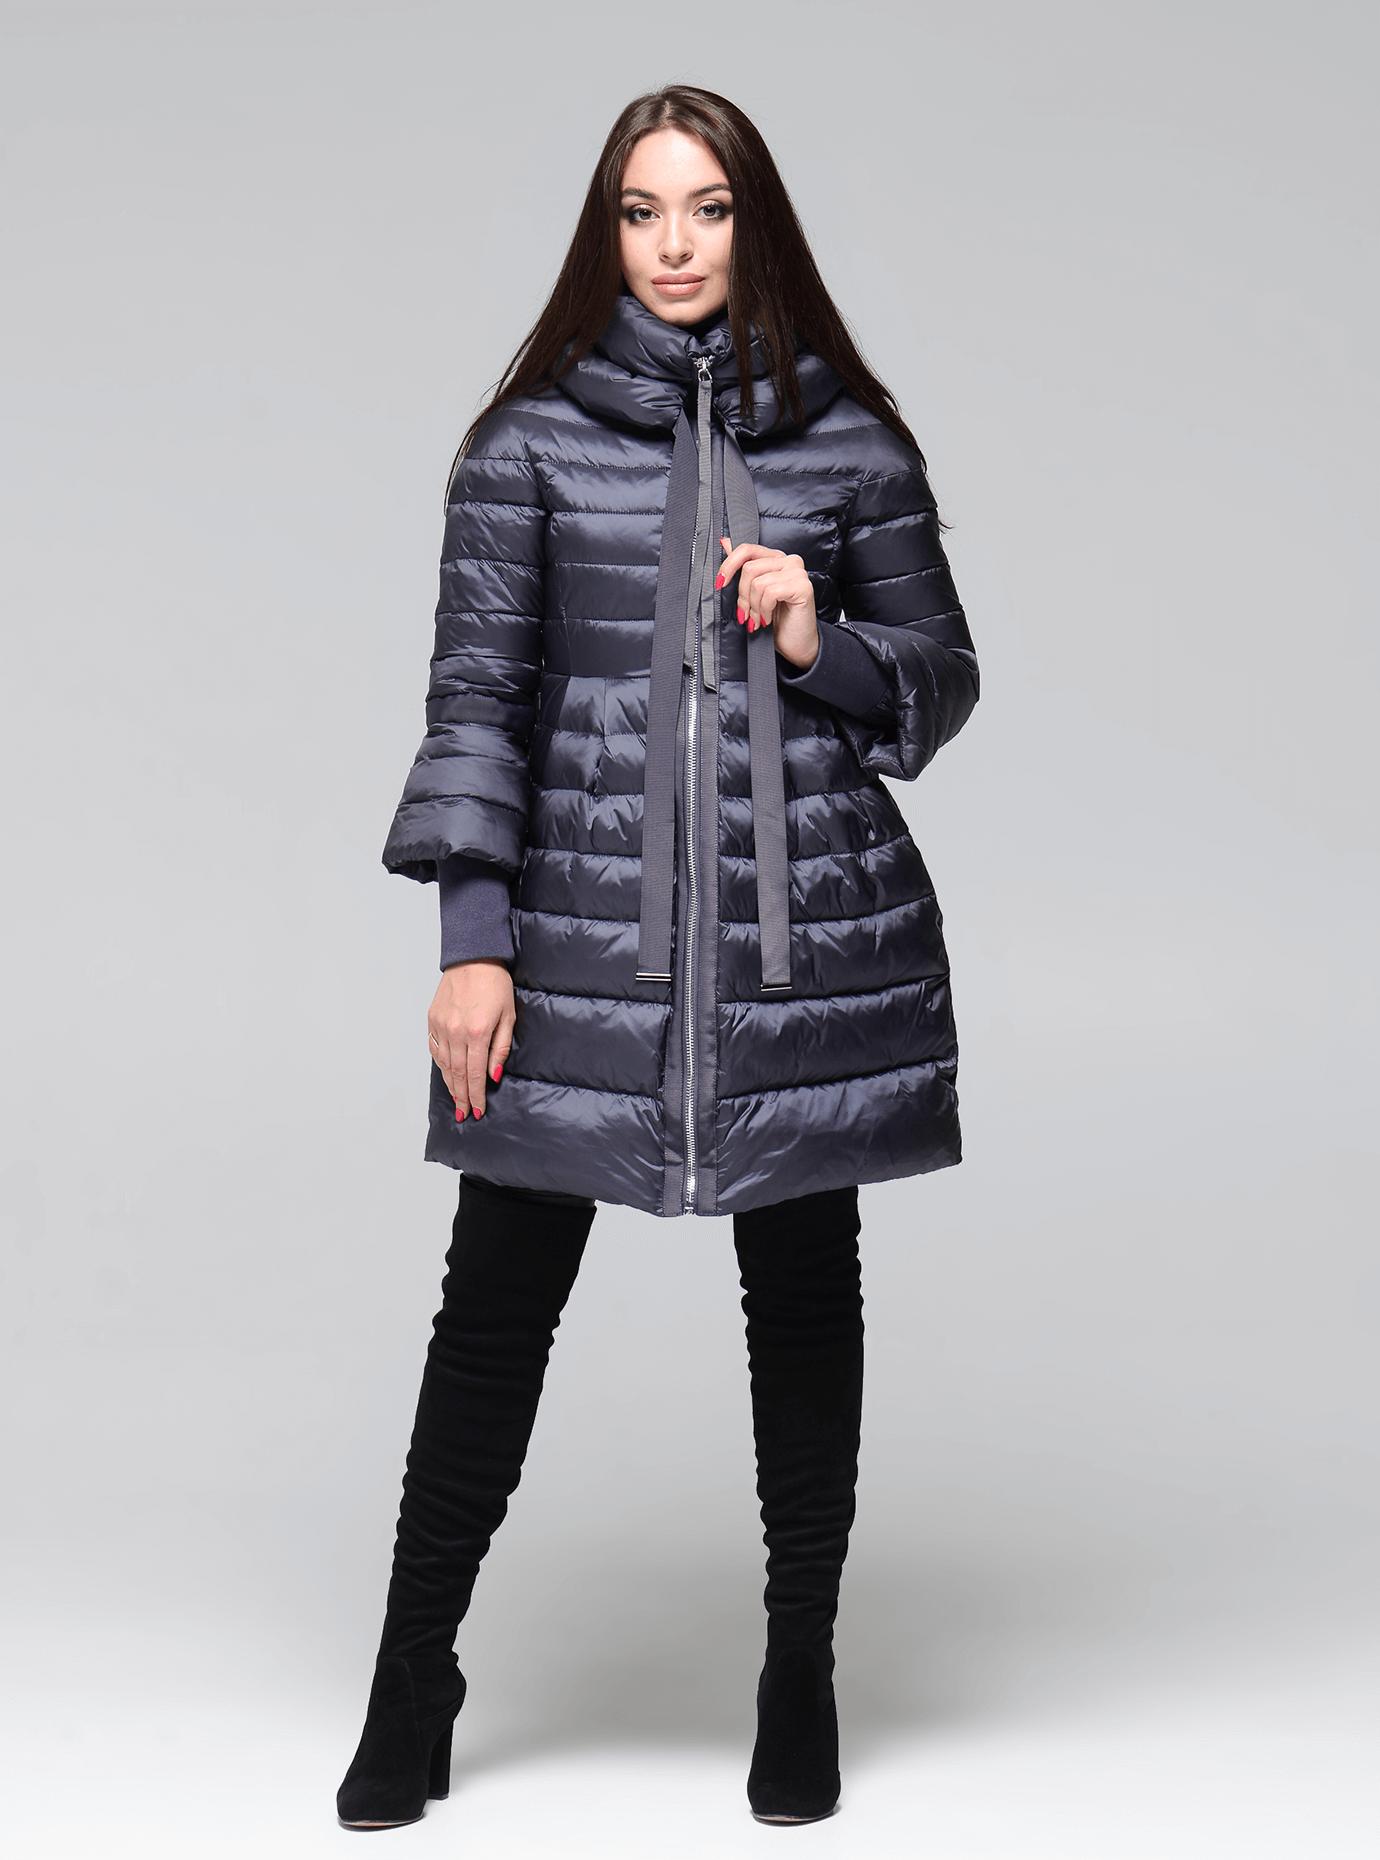 Куртка зимняя женская с манжетами Чёрный S (02-CR170313): фото - Alster.ua